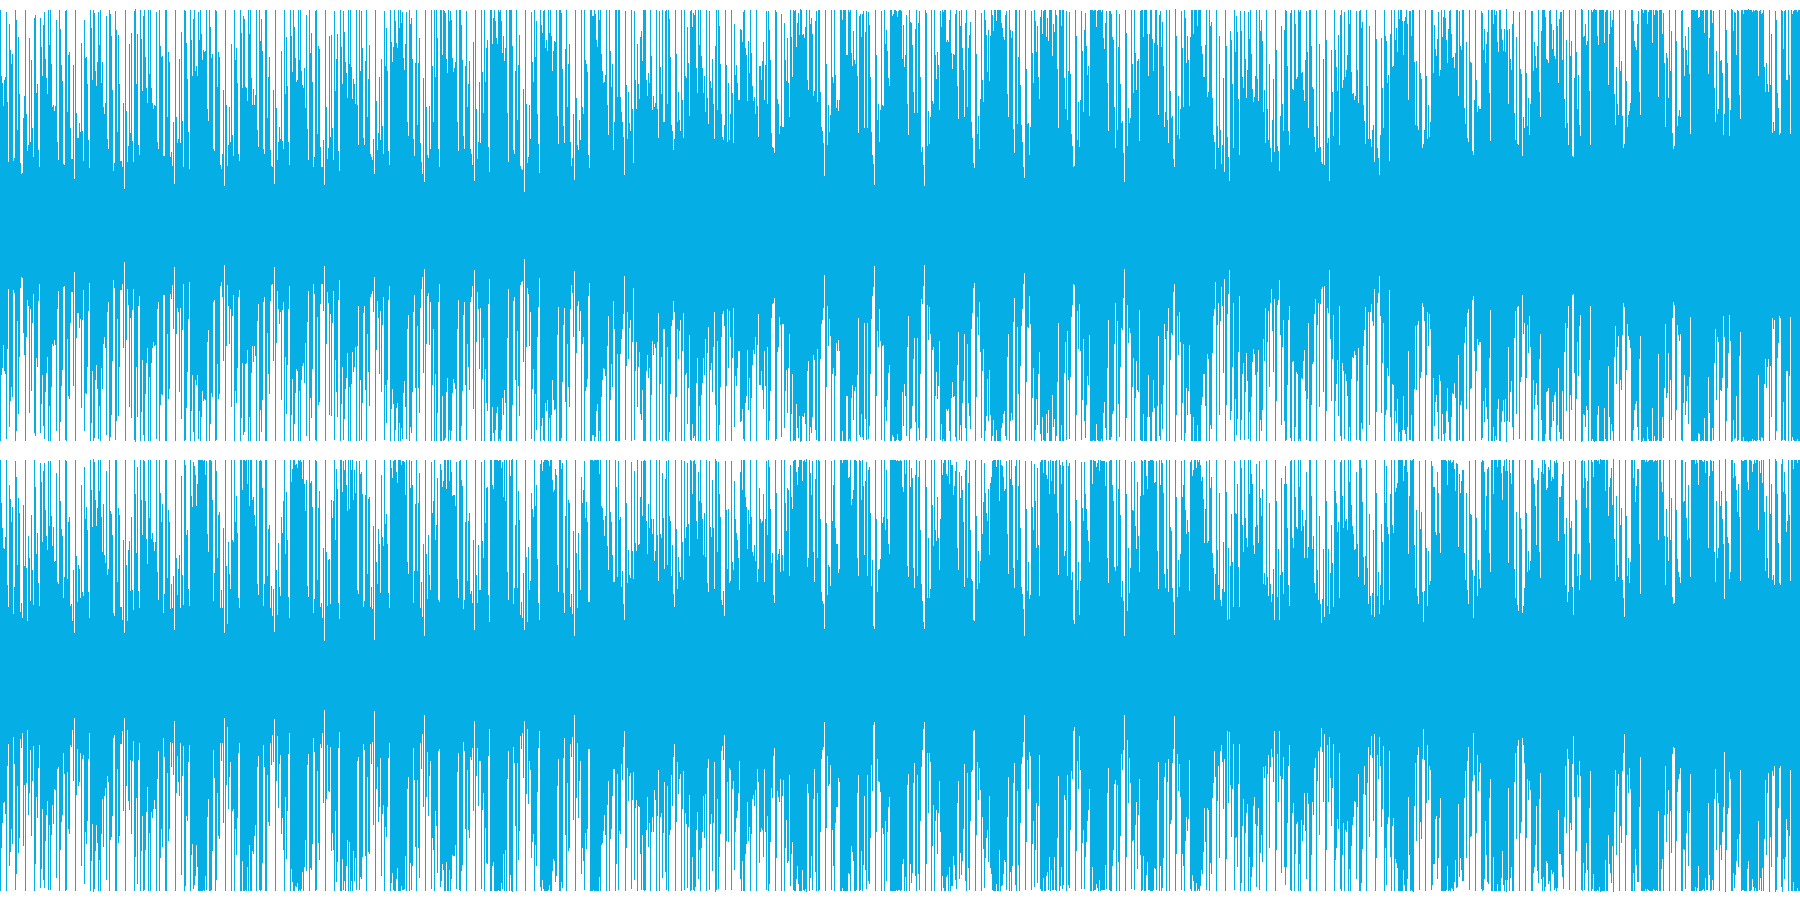 緊張感のある状態をイメージしたBGMの再生済みの波形